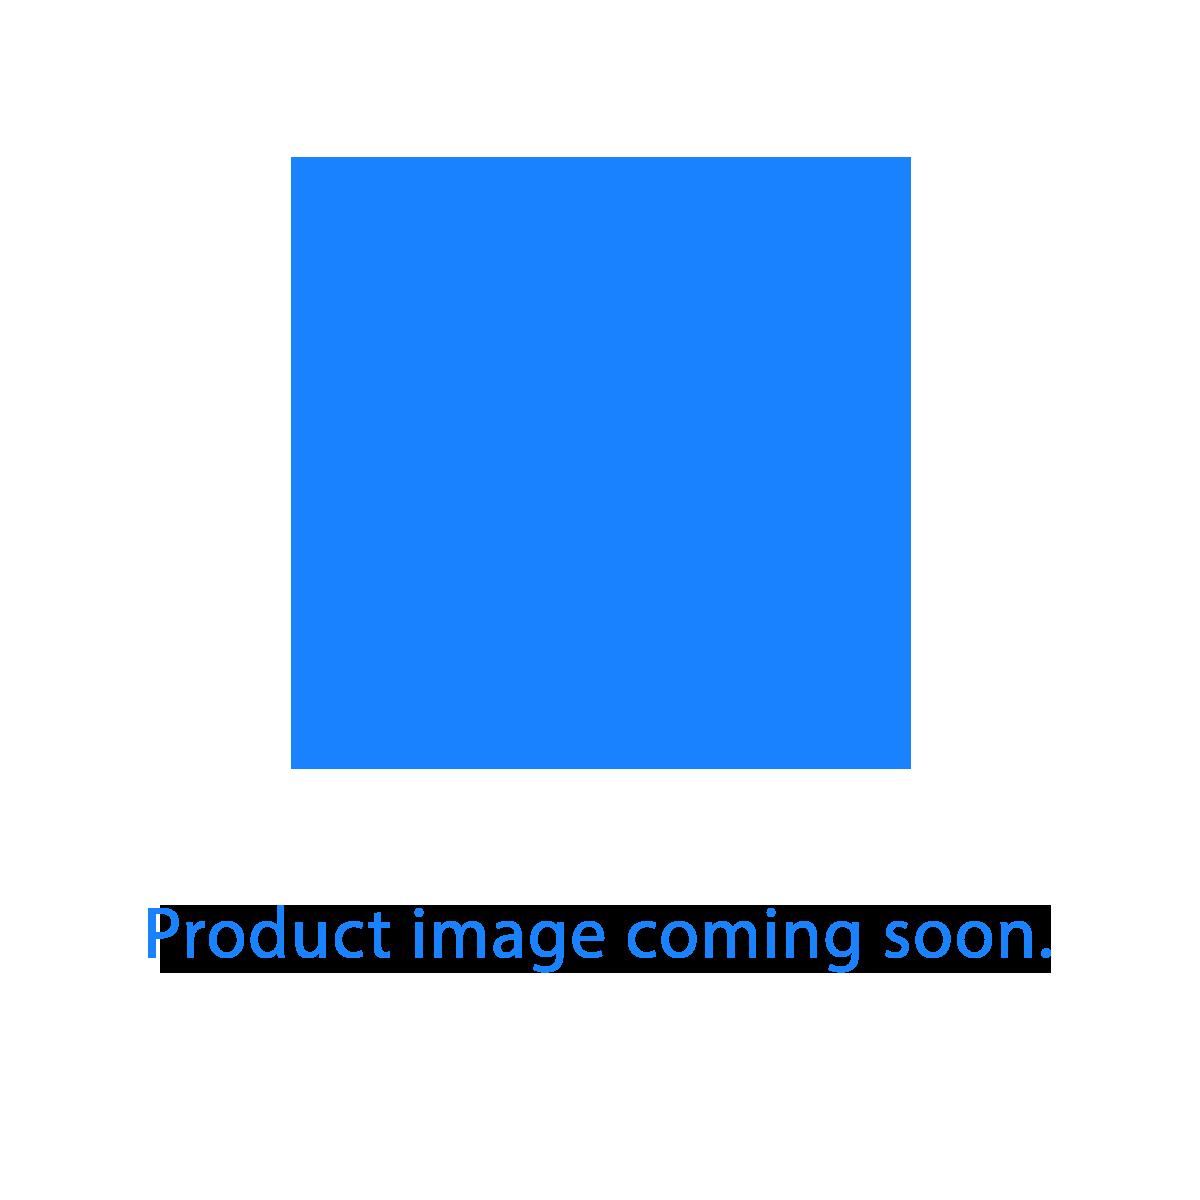 ASUS Zen AiO 24 M5401WUAT-WA056T